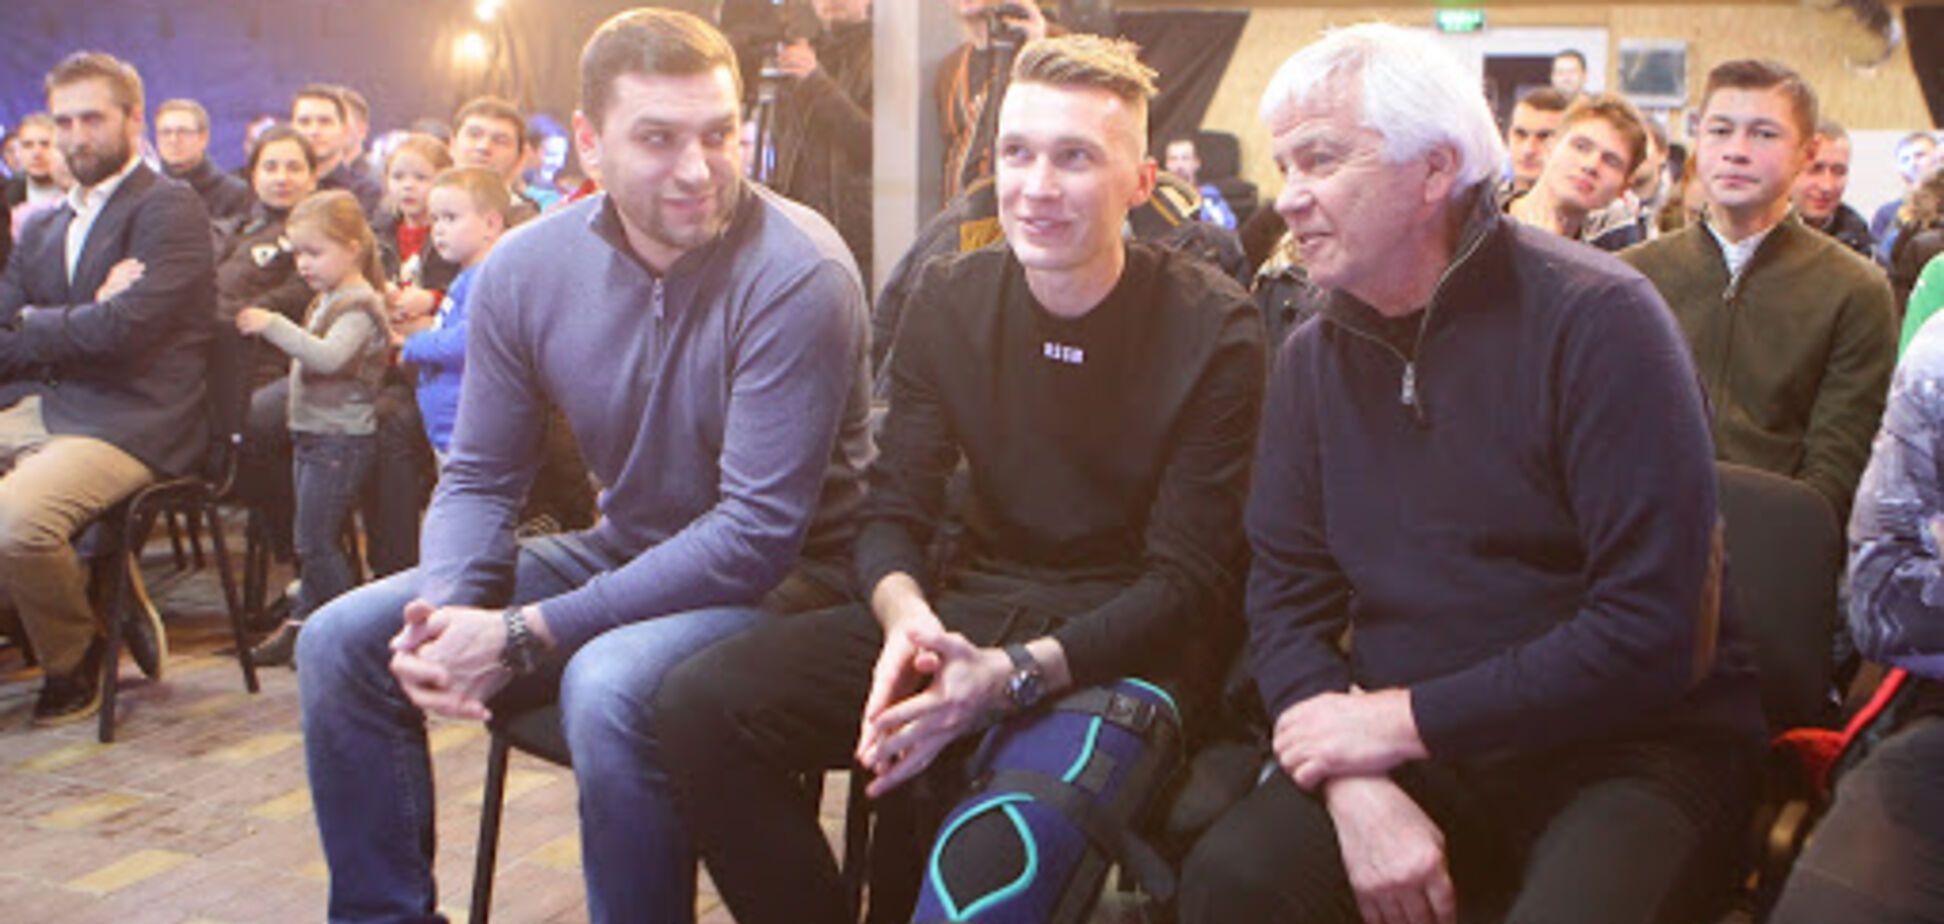 Сергей Михайленко, Сергей Сидорчук и Владимир Мунтян. Источник: ФК ''Динамо'' Киев